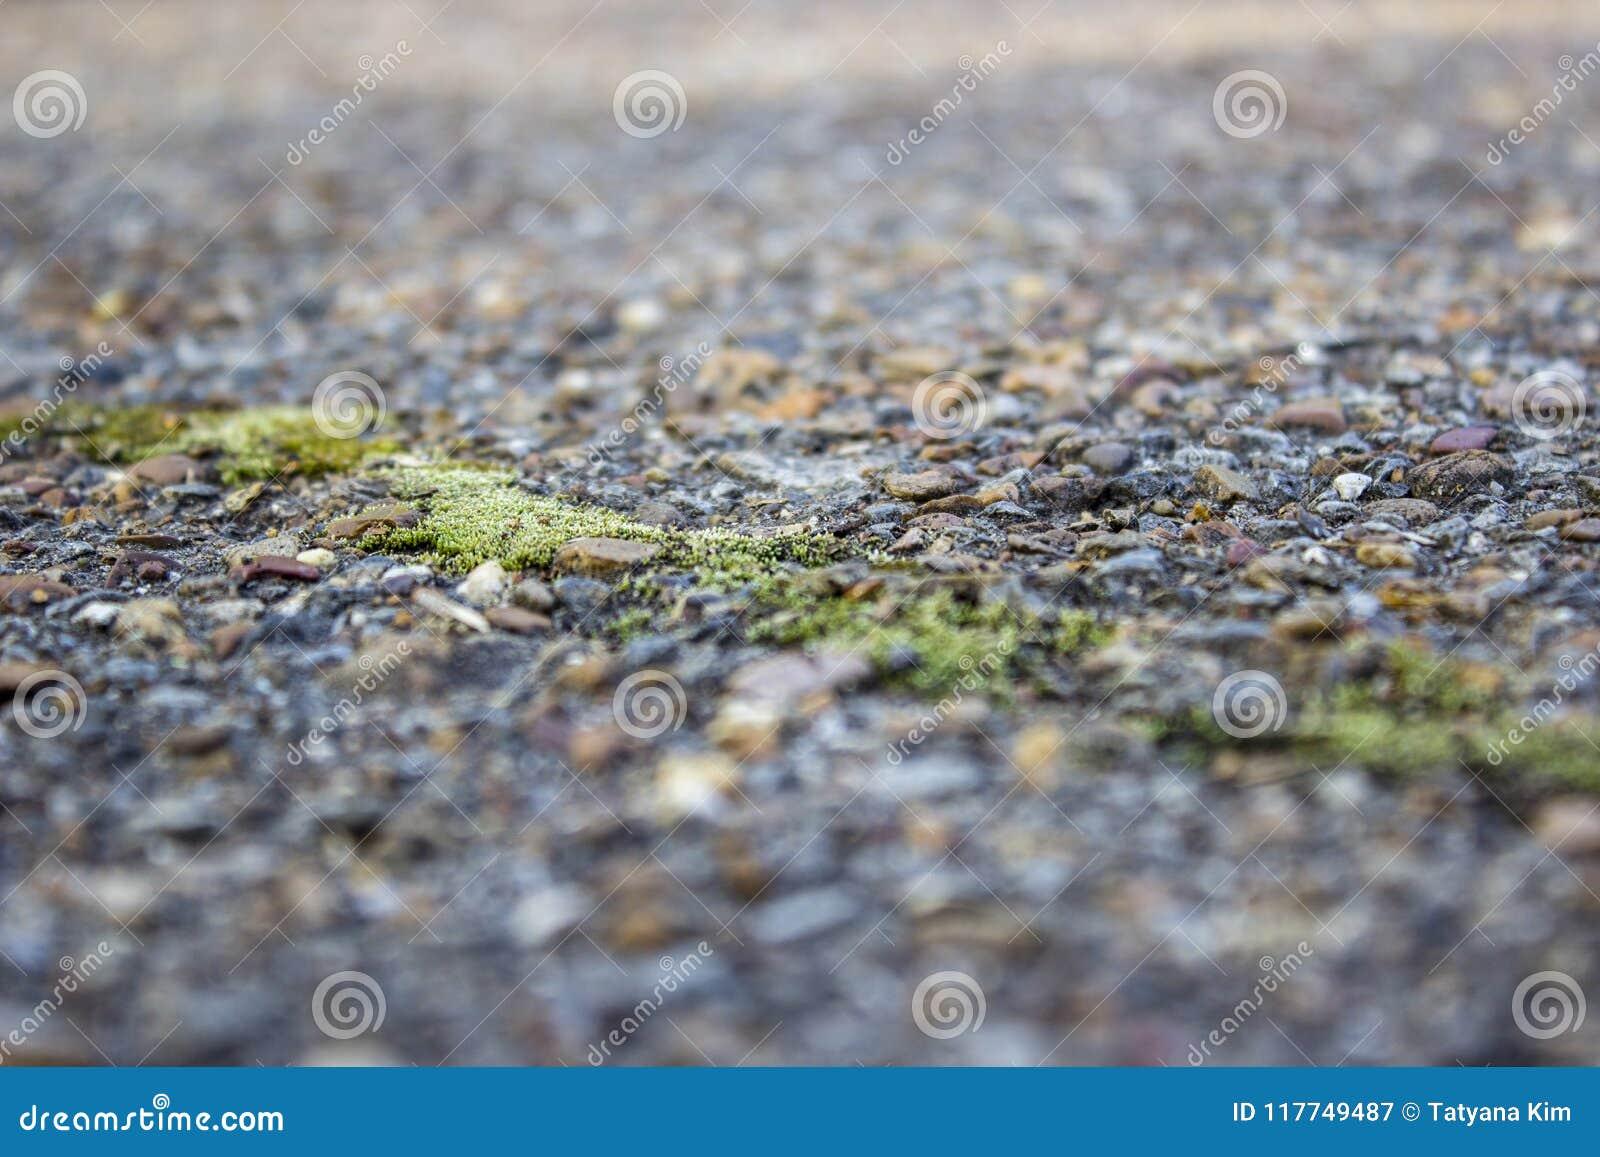 Zamazany tło, pęknięcie w starym asfalcie, przerastającym z zielonym mech